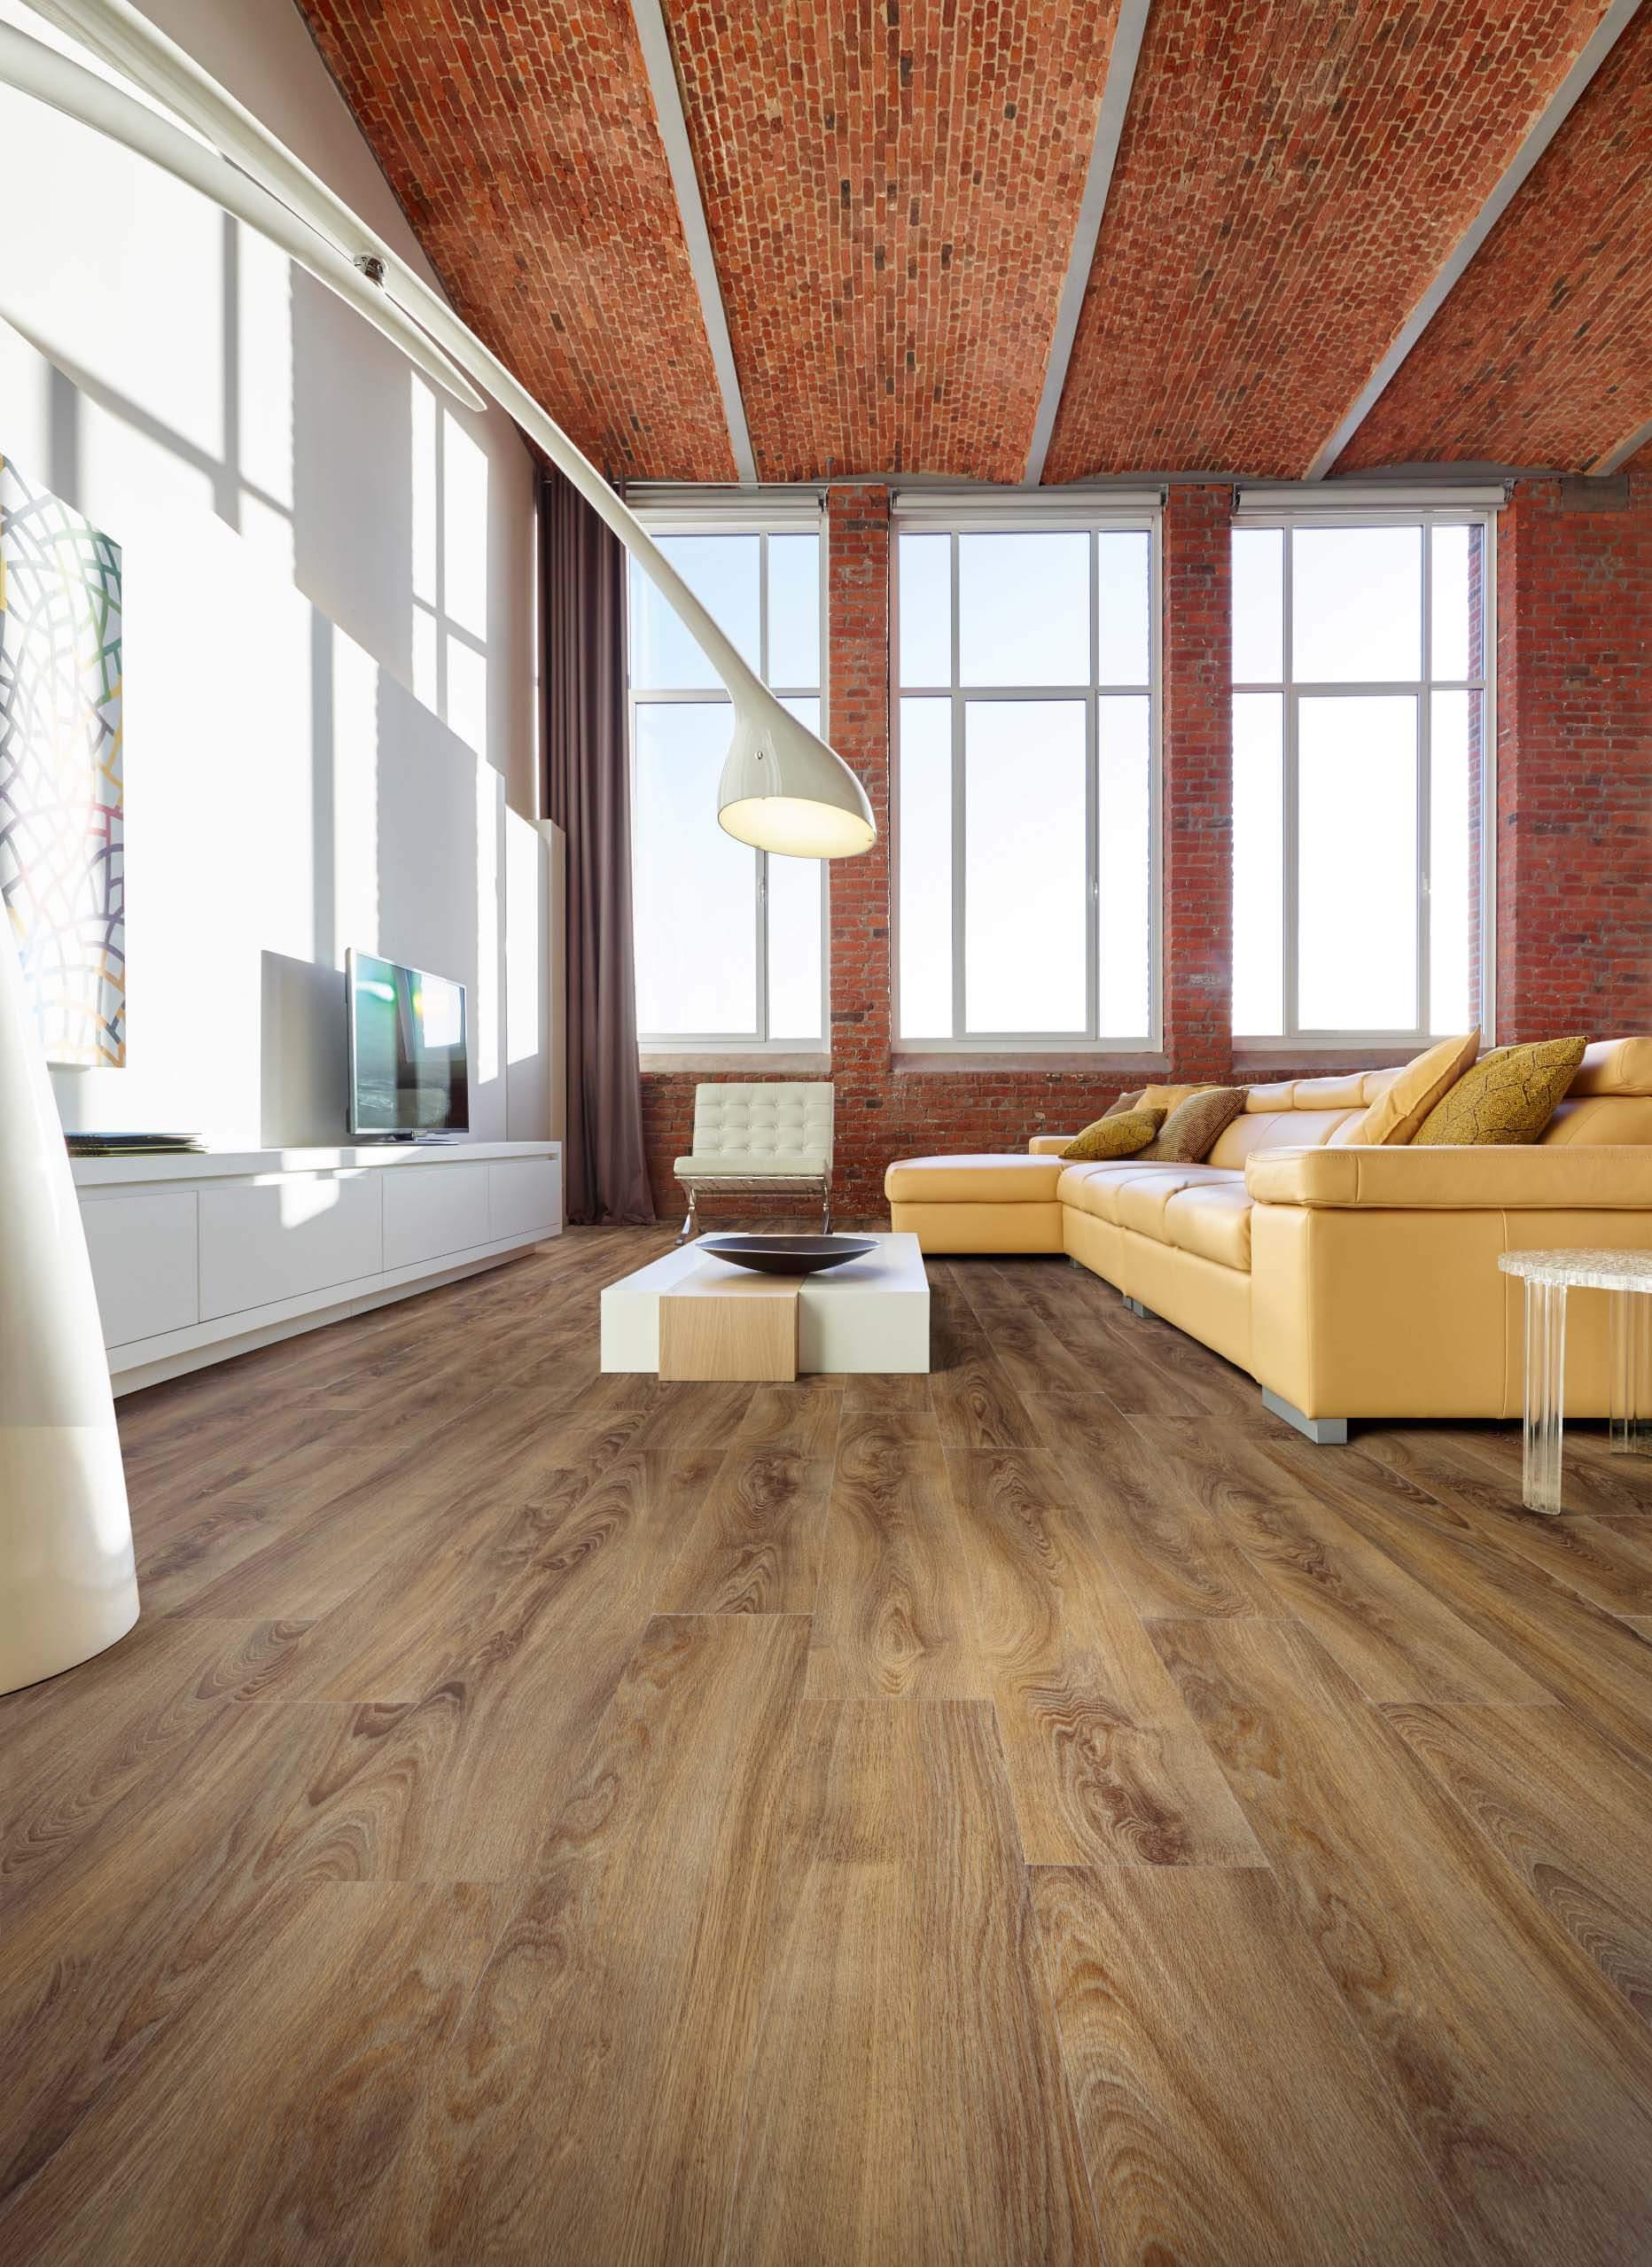 pvc click vinyl laminaat casablanca oak 4 5mm dik middel grijs